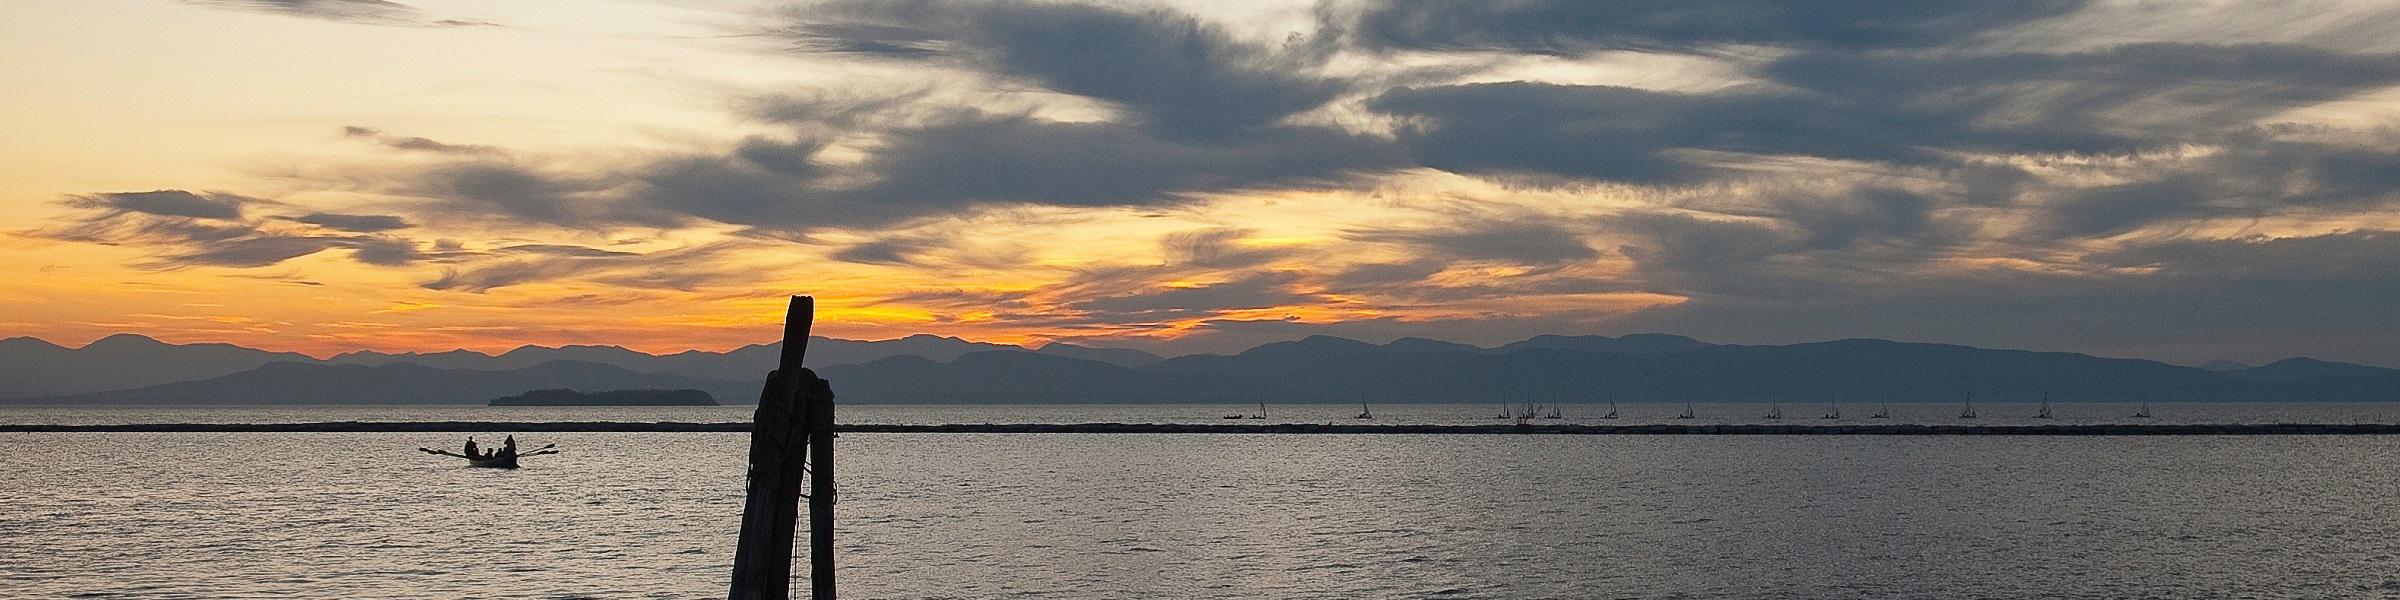 Sunset view of Lake Champlain